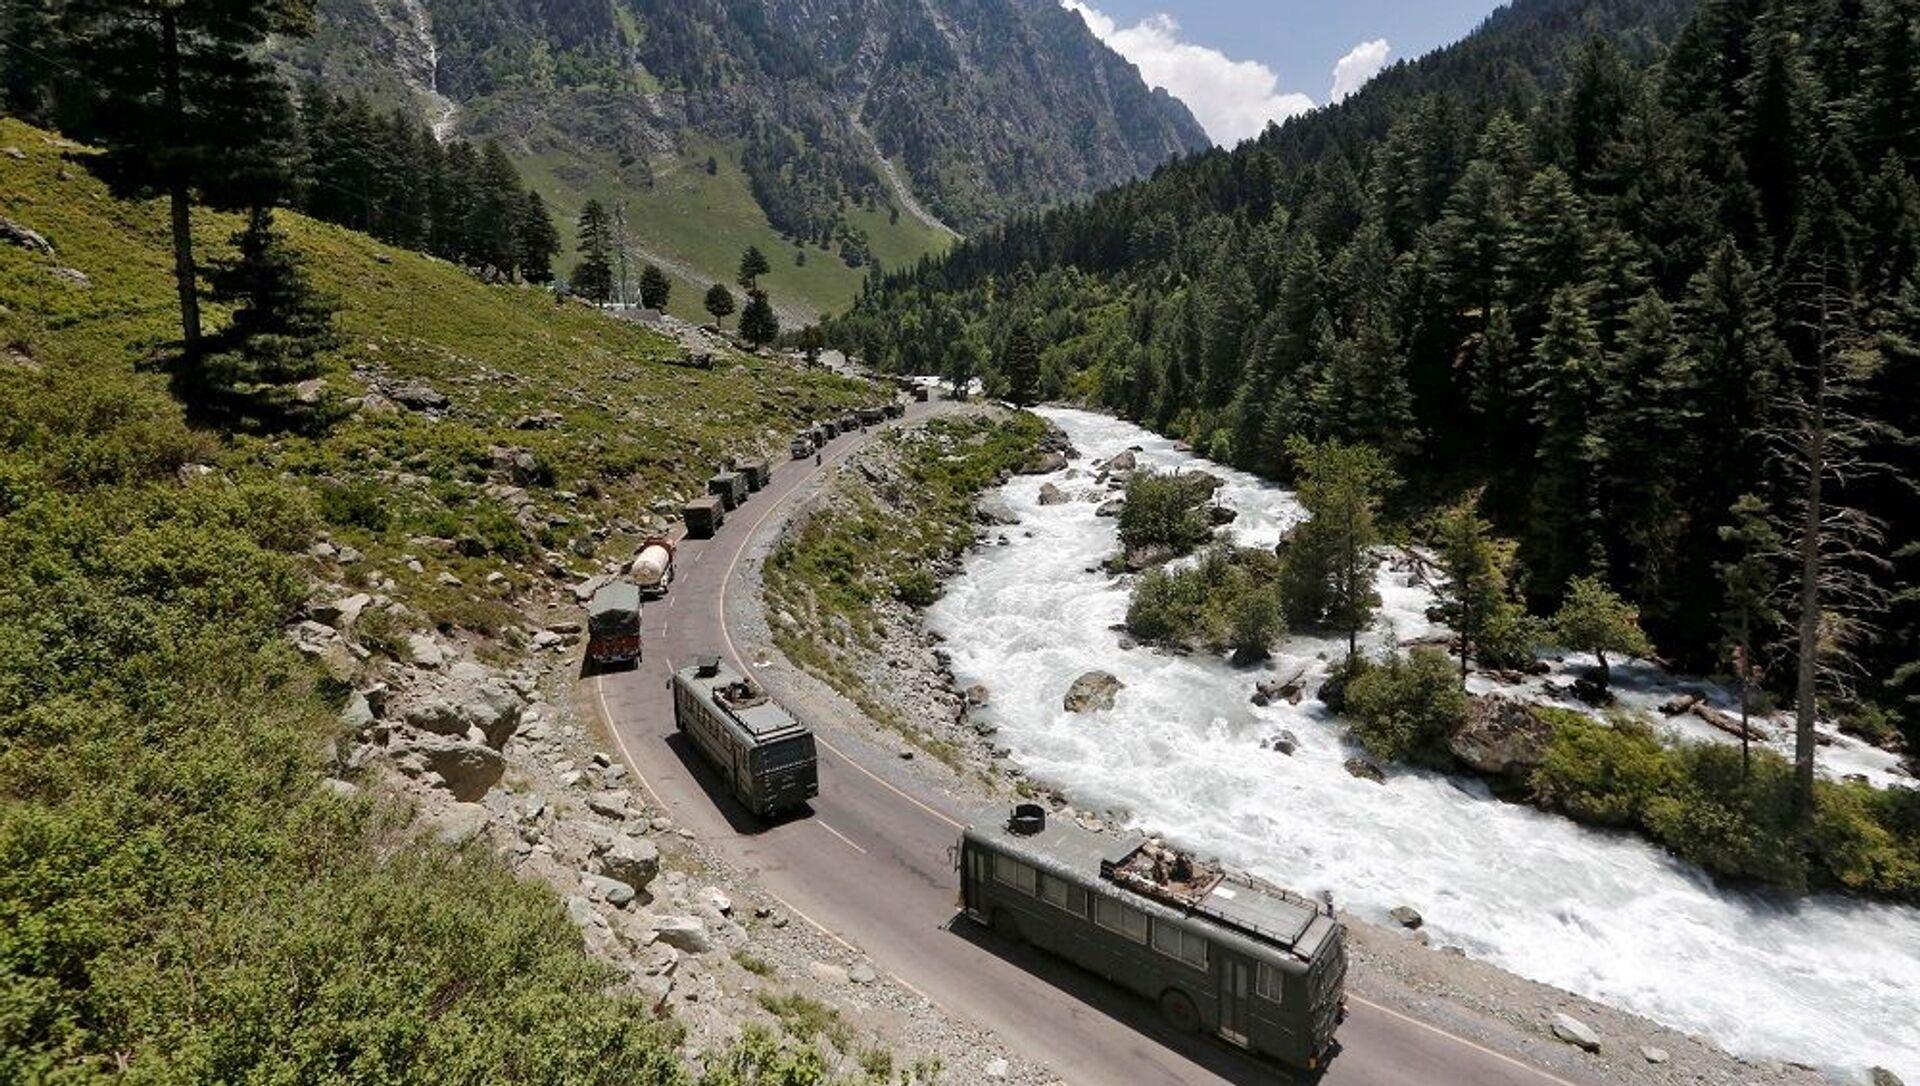 Hindistan ile  Çin arasında çatışmanın yaşandığı Ladakh'ta askeri konvoy - Sputnik Türkiye, 1920, 06.08.2021